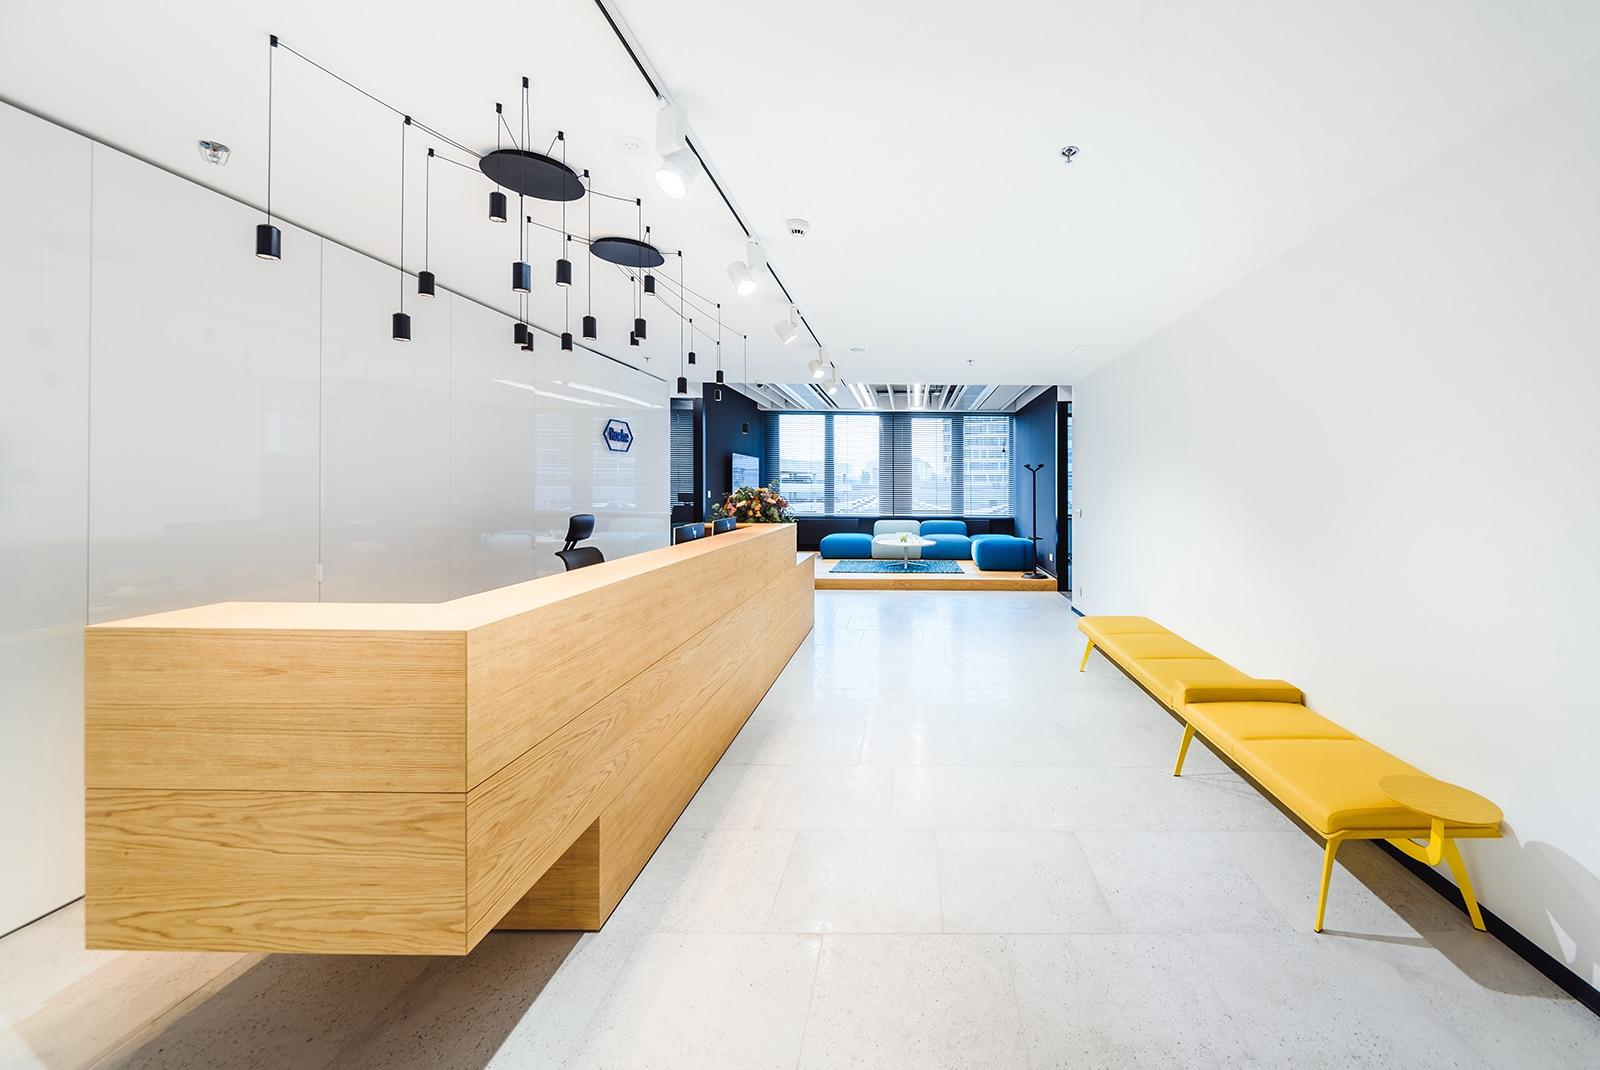 roche-bratislava-office-1